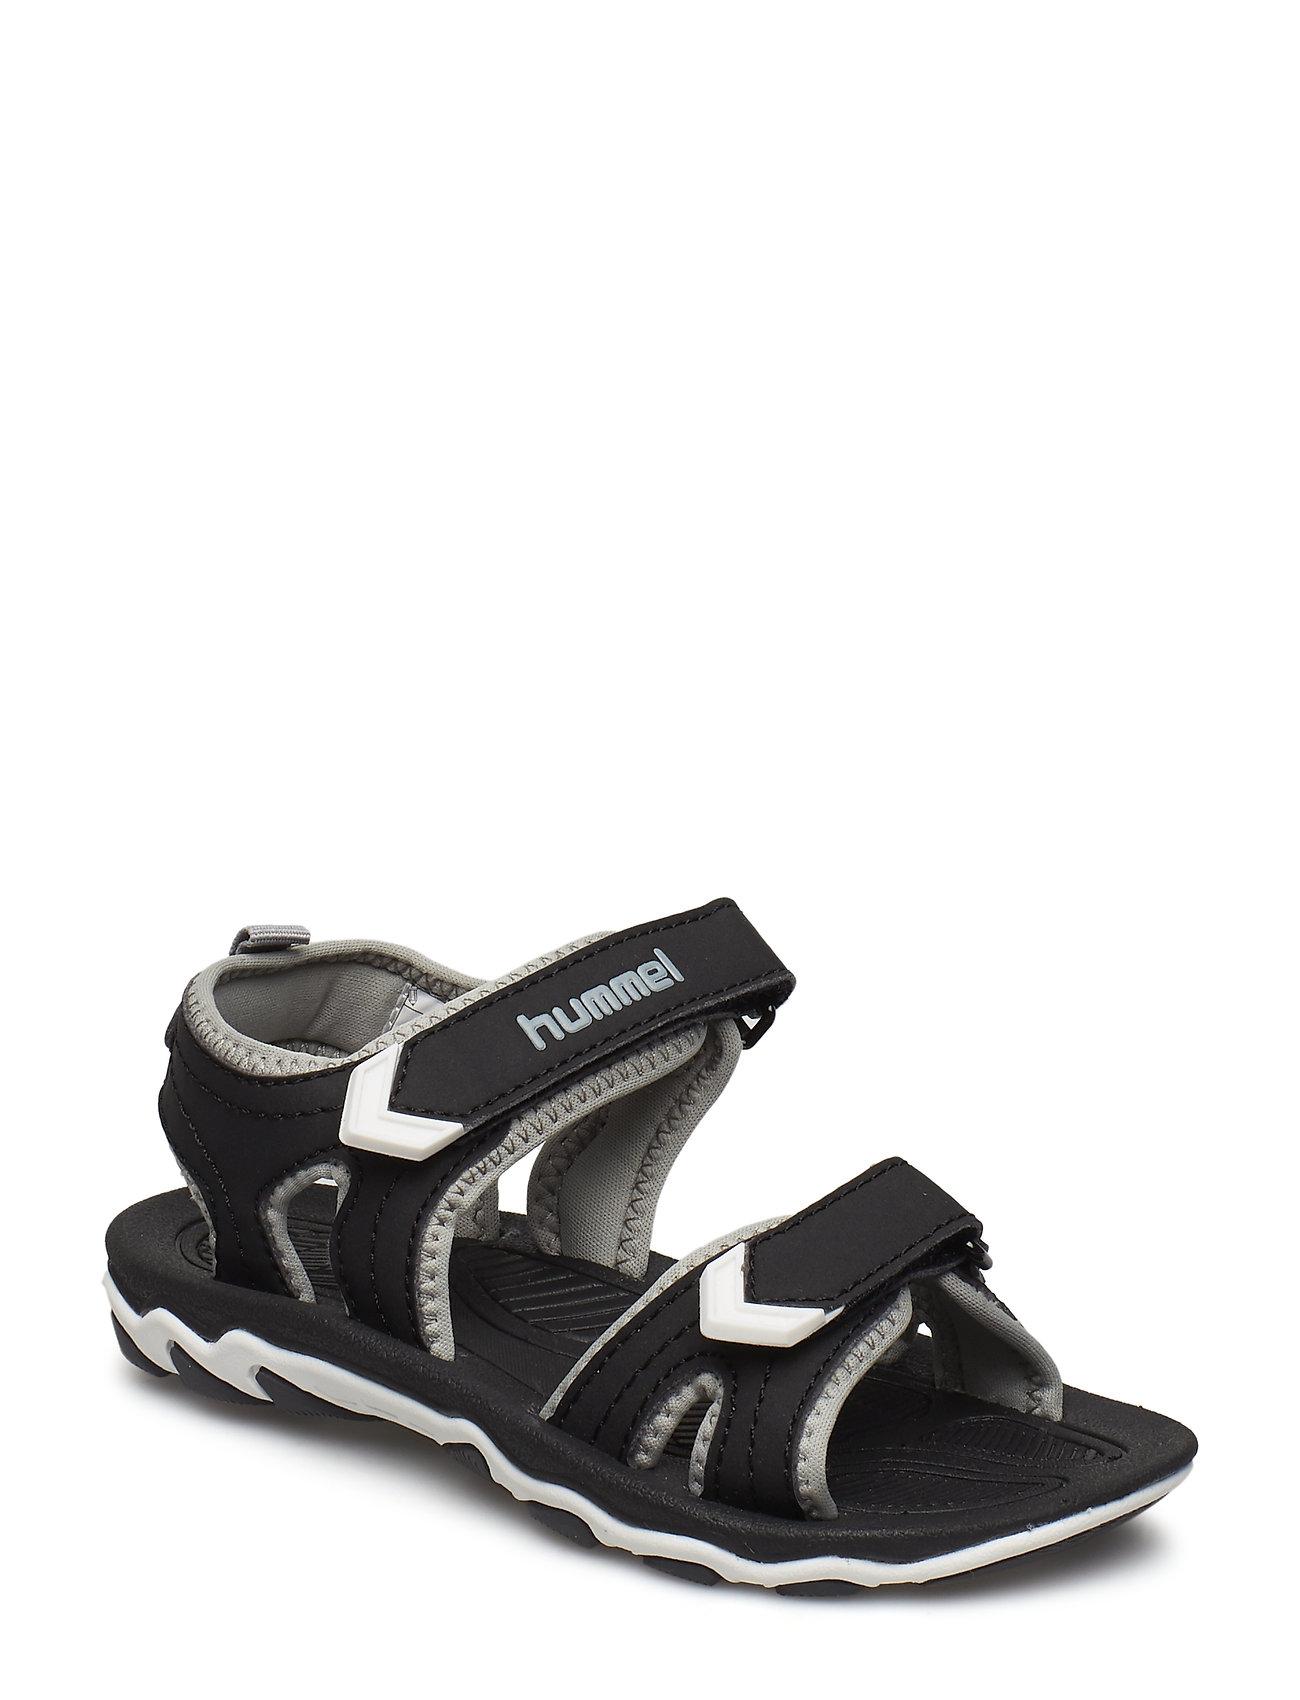 0eca878a40d Sandal Sport Jr sandaler fra Hummel til børn i Sort - Pashion.dk